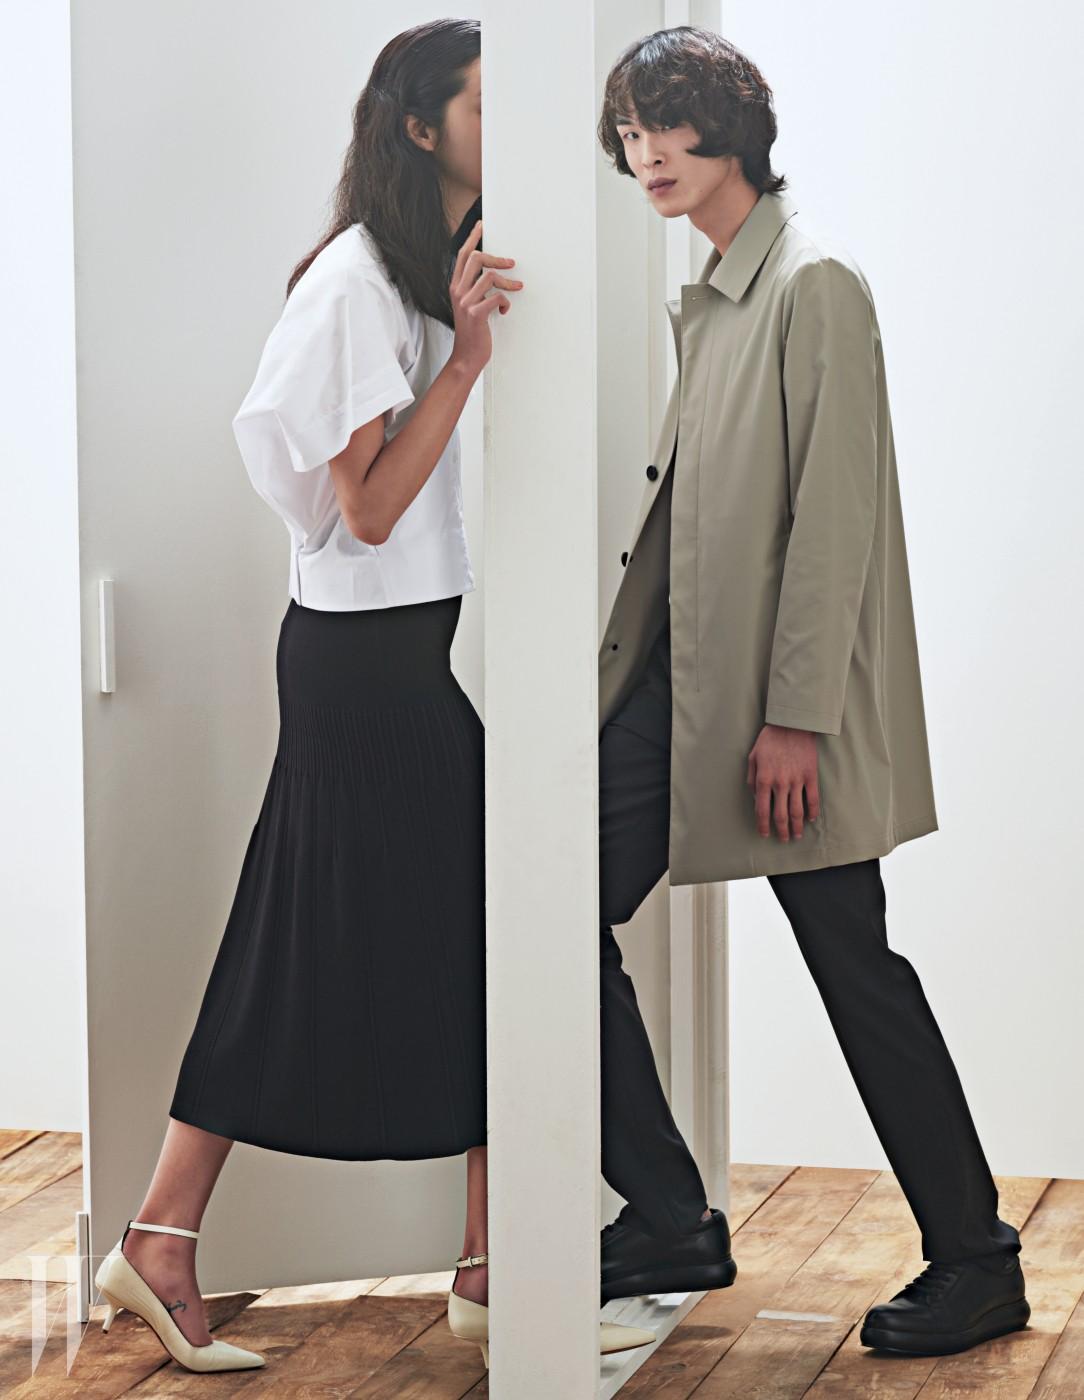 강소영이 입은 흰색 블라우스와 검은색 니트 스커트, 앵클 스트랩 힐, 박경진이 입은 재킷과 팬츠, 검은색 가죽 스니커즈는 모두 CK Platinum 제품.